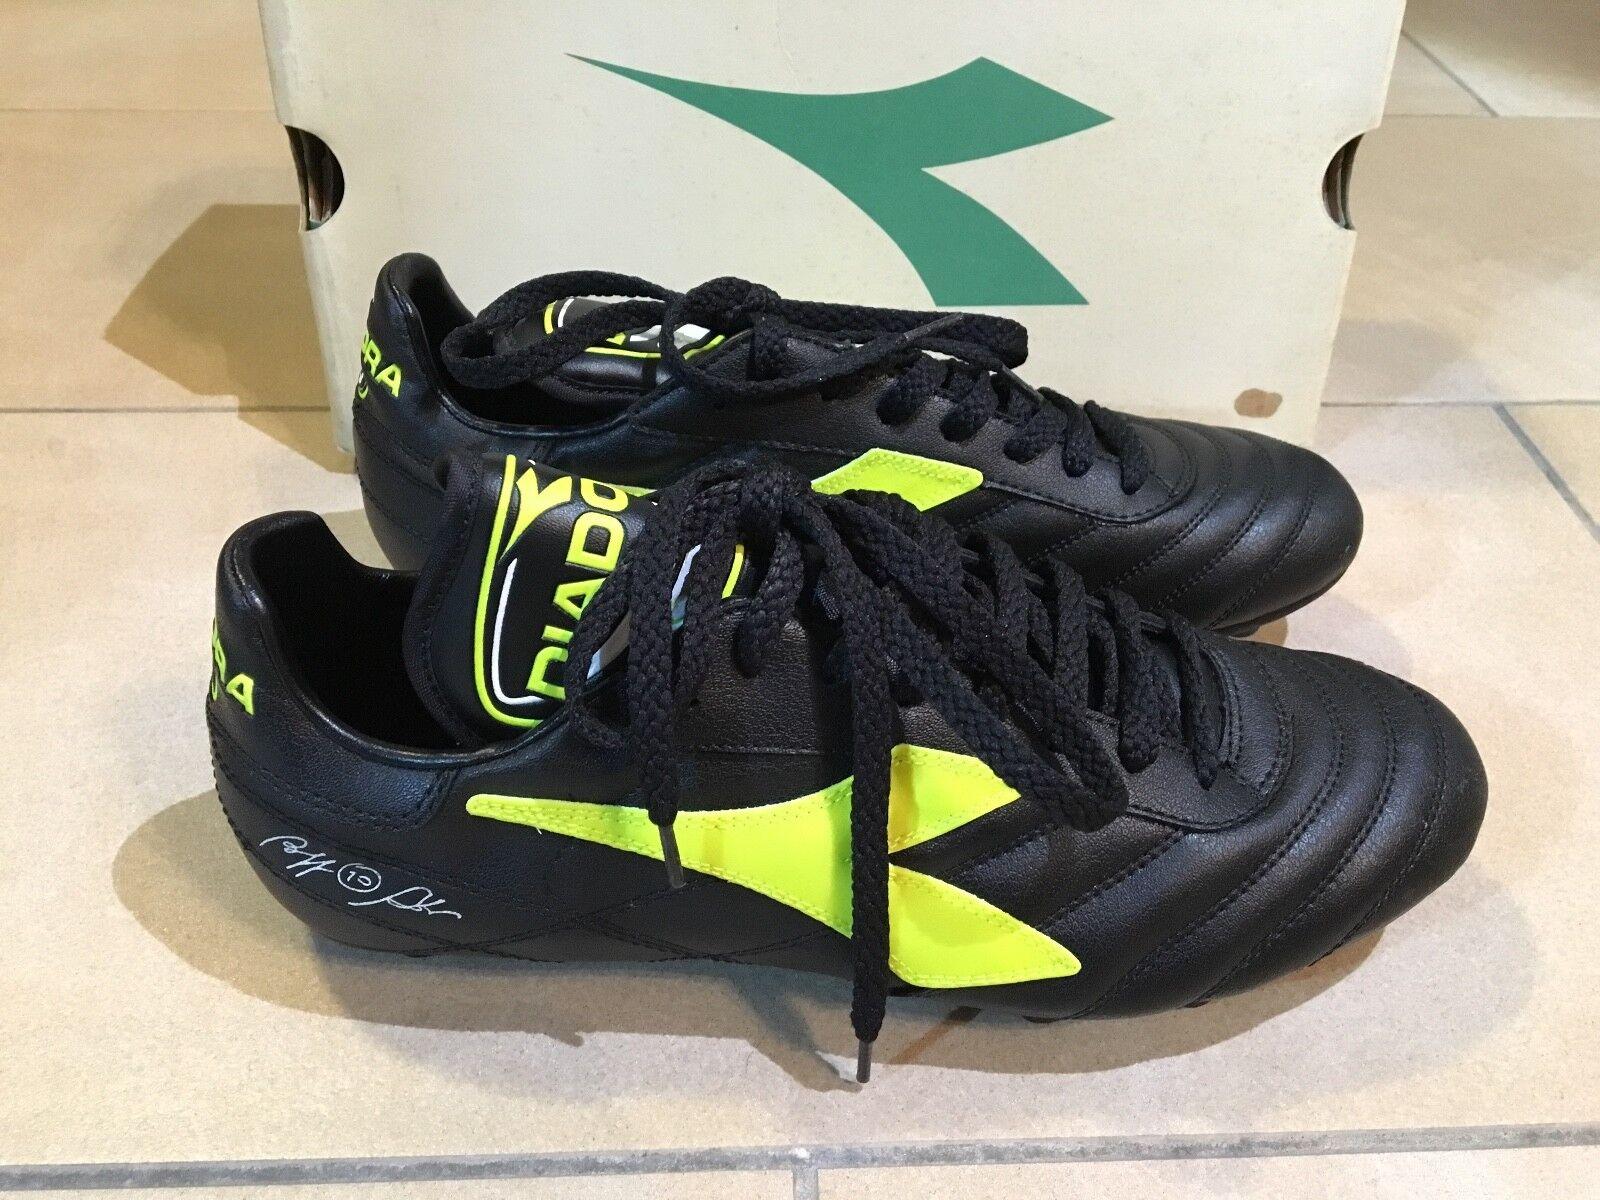 DIADORA GOAL R.B. MD zapatos DA CALCIO ROBERTO BAGGIO tg. 10 eur